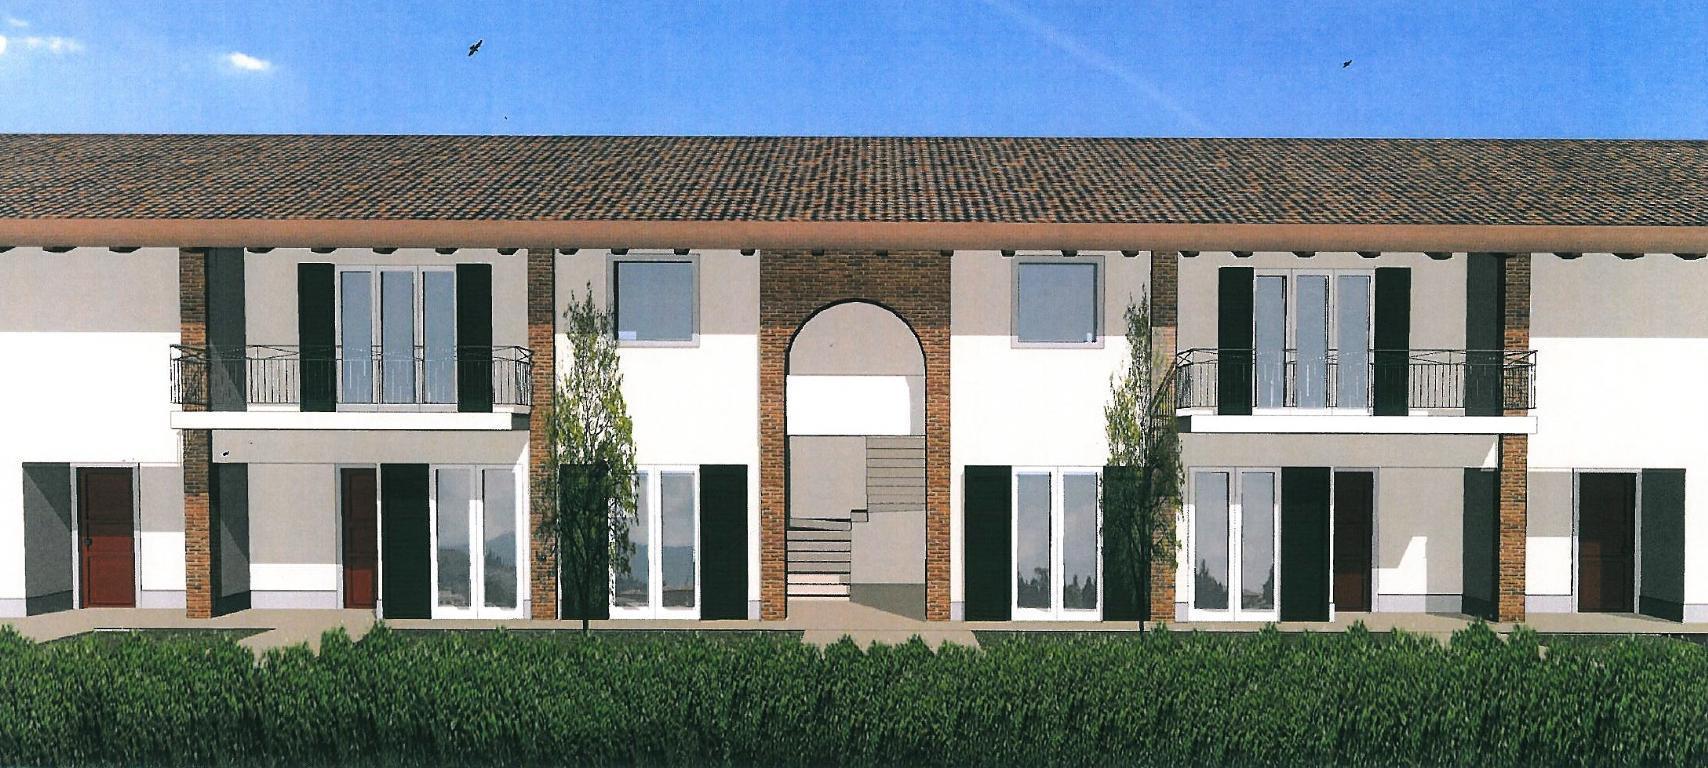 Appartamento in vendita a Casatenovo, 4 locali, prezzo € 295.000 | CambioCasa.it